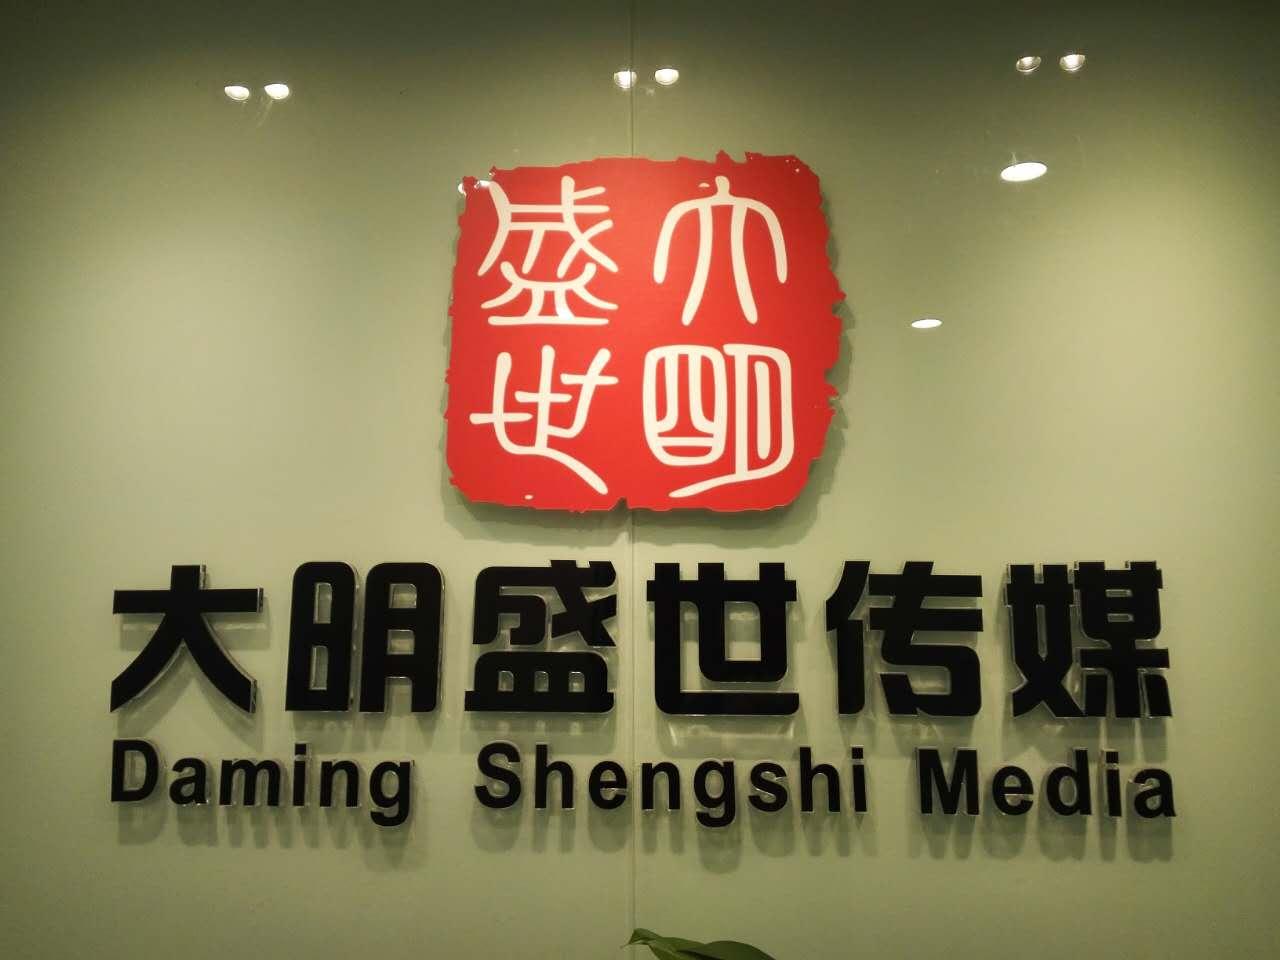 大明盛世(武汉)文化传媒有限公司